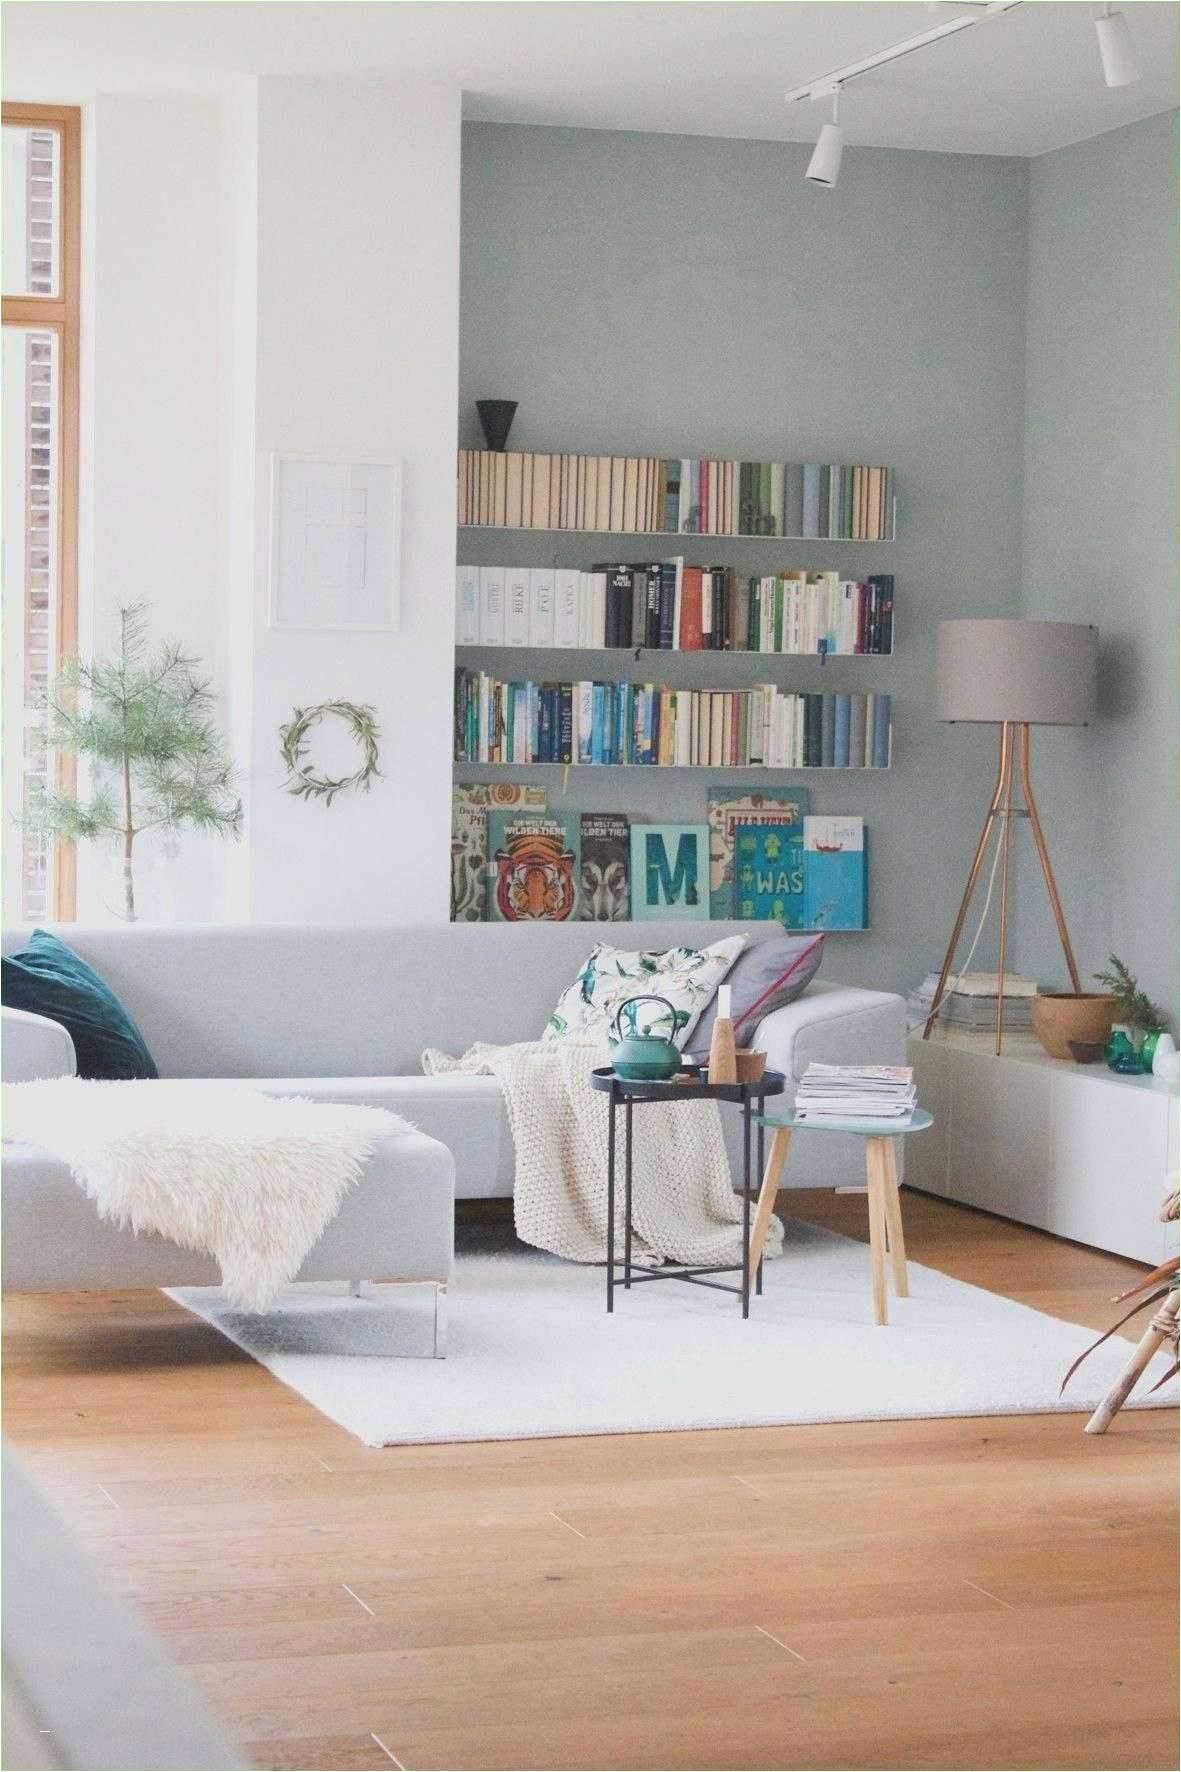 wohnzimmer decken genial wohnzimmer bilder genial decken dekoration wohnzimmer frisch of wohnzimmer decken